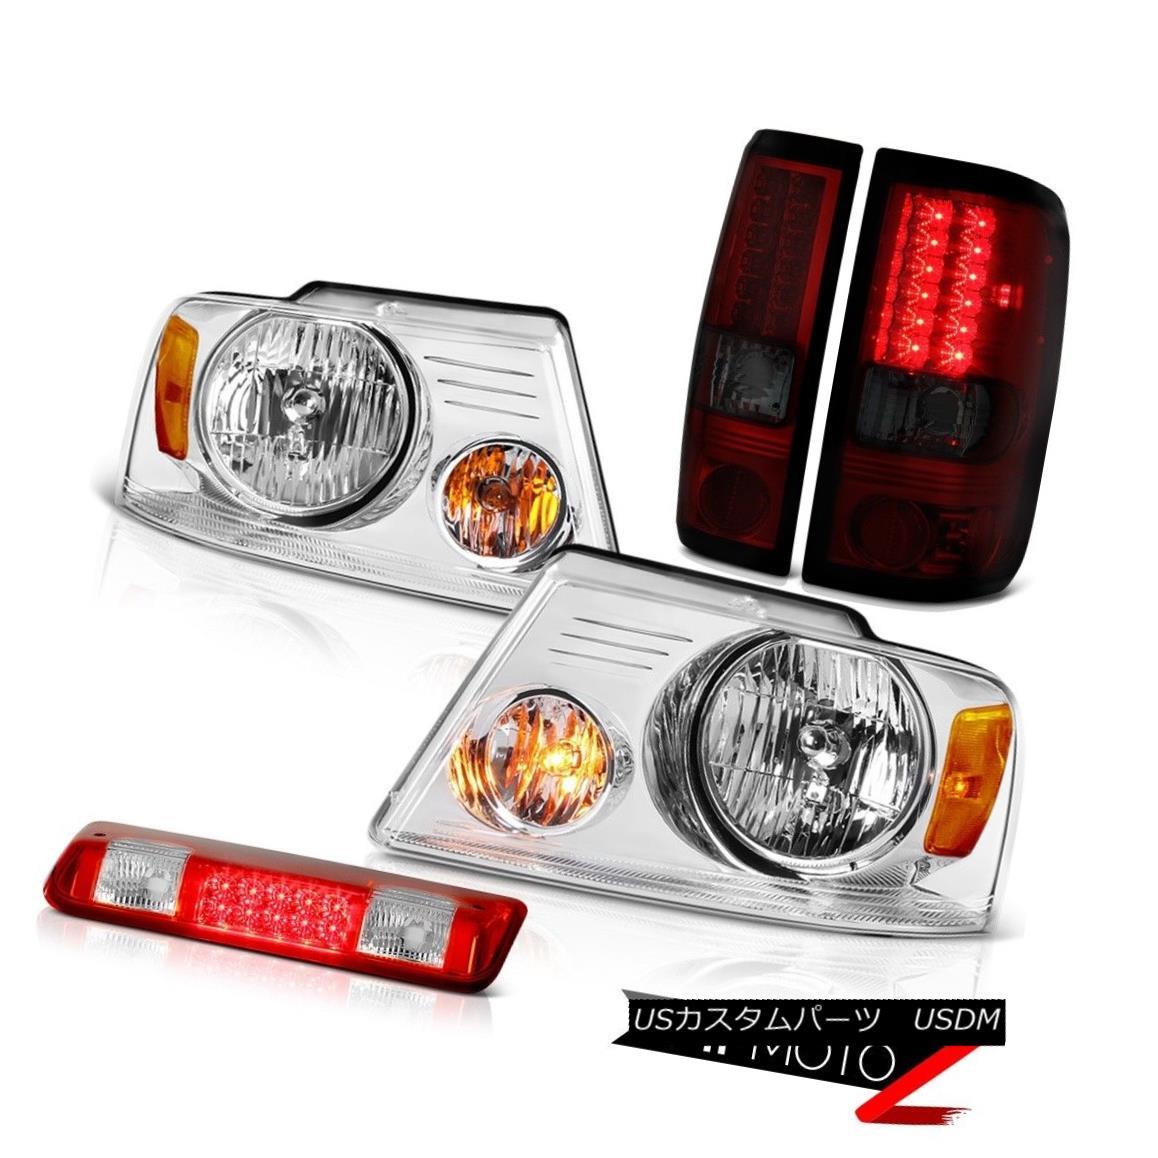 テールライト 2004-2008 Ford F150 FX4 Third Brake Light Headlamps Smokey Red Tail Lamps SMD 2004-2008フォードF150 FX4サードブレーキライトヘッドライトスモーキーレッドテールランプSMD